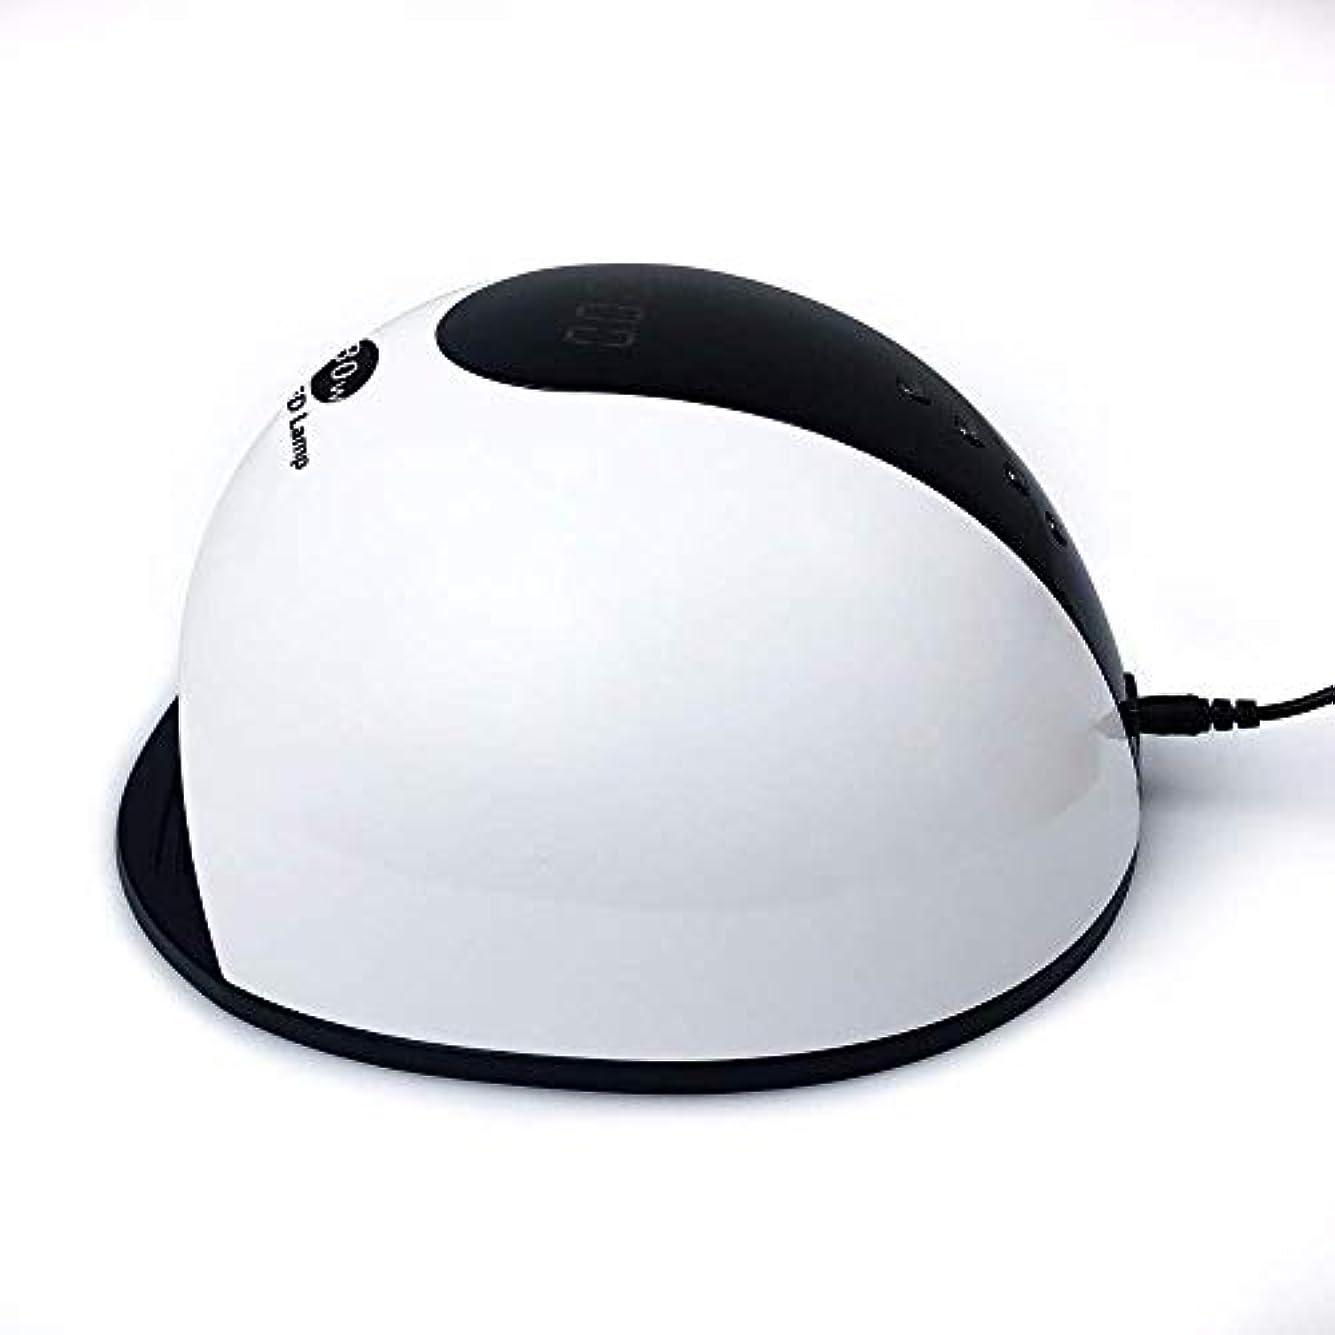 美的電化するバンドネイルドライヤー80W UV LEDジェルランプマニキュア用ジェルポリッシュアイスランプ(36個のLED付き)ドライヤーランプスマートLCDディスプレイネイルマシン、写真の色